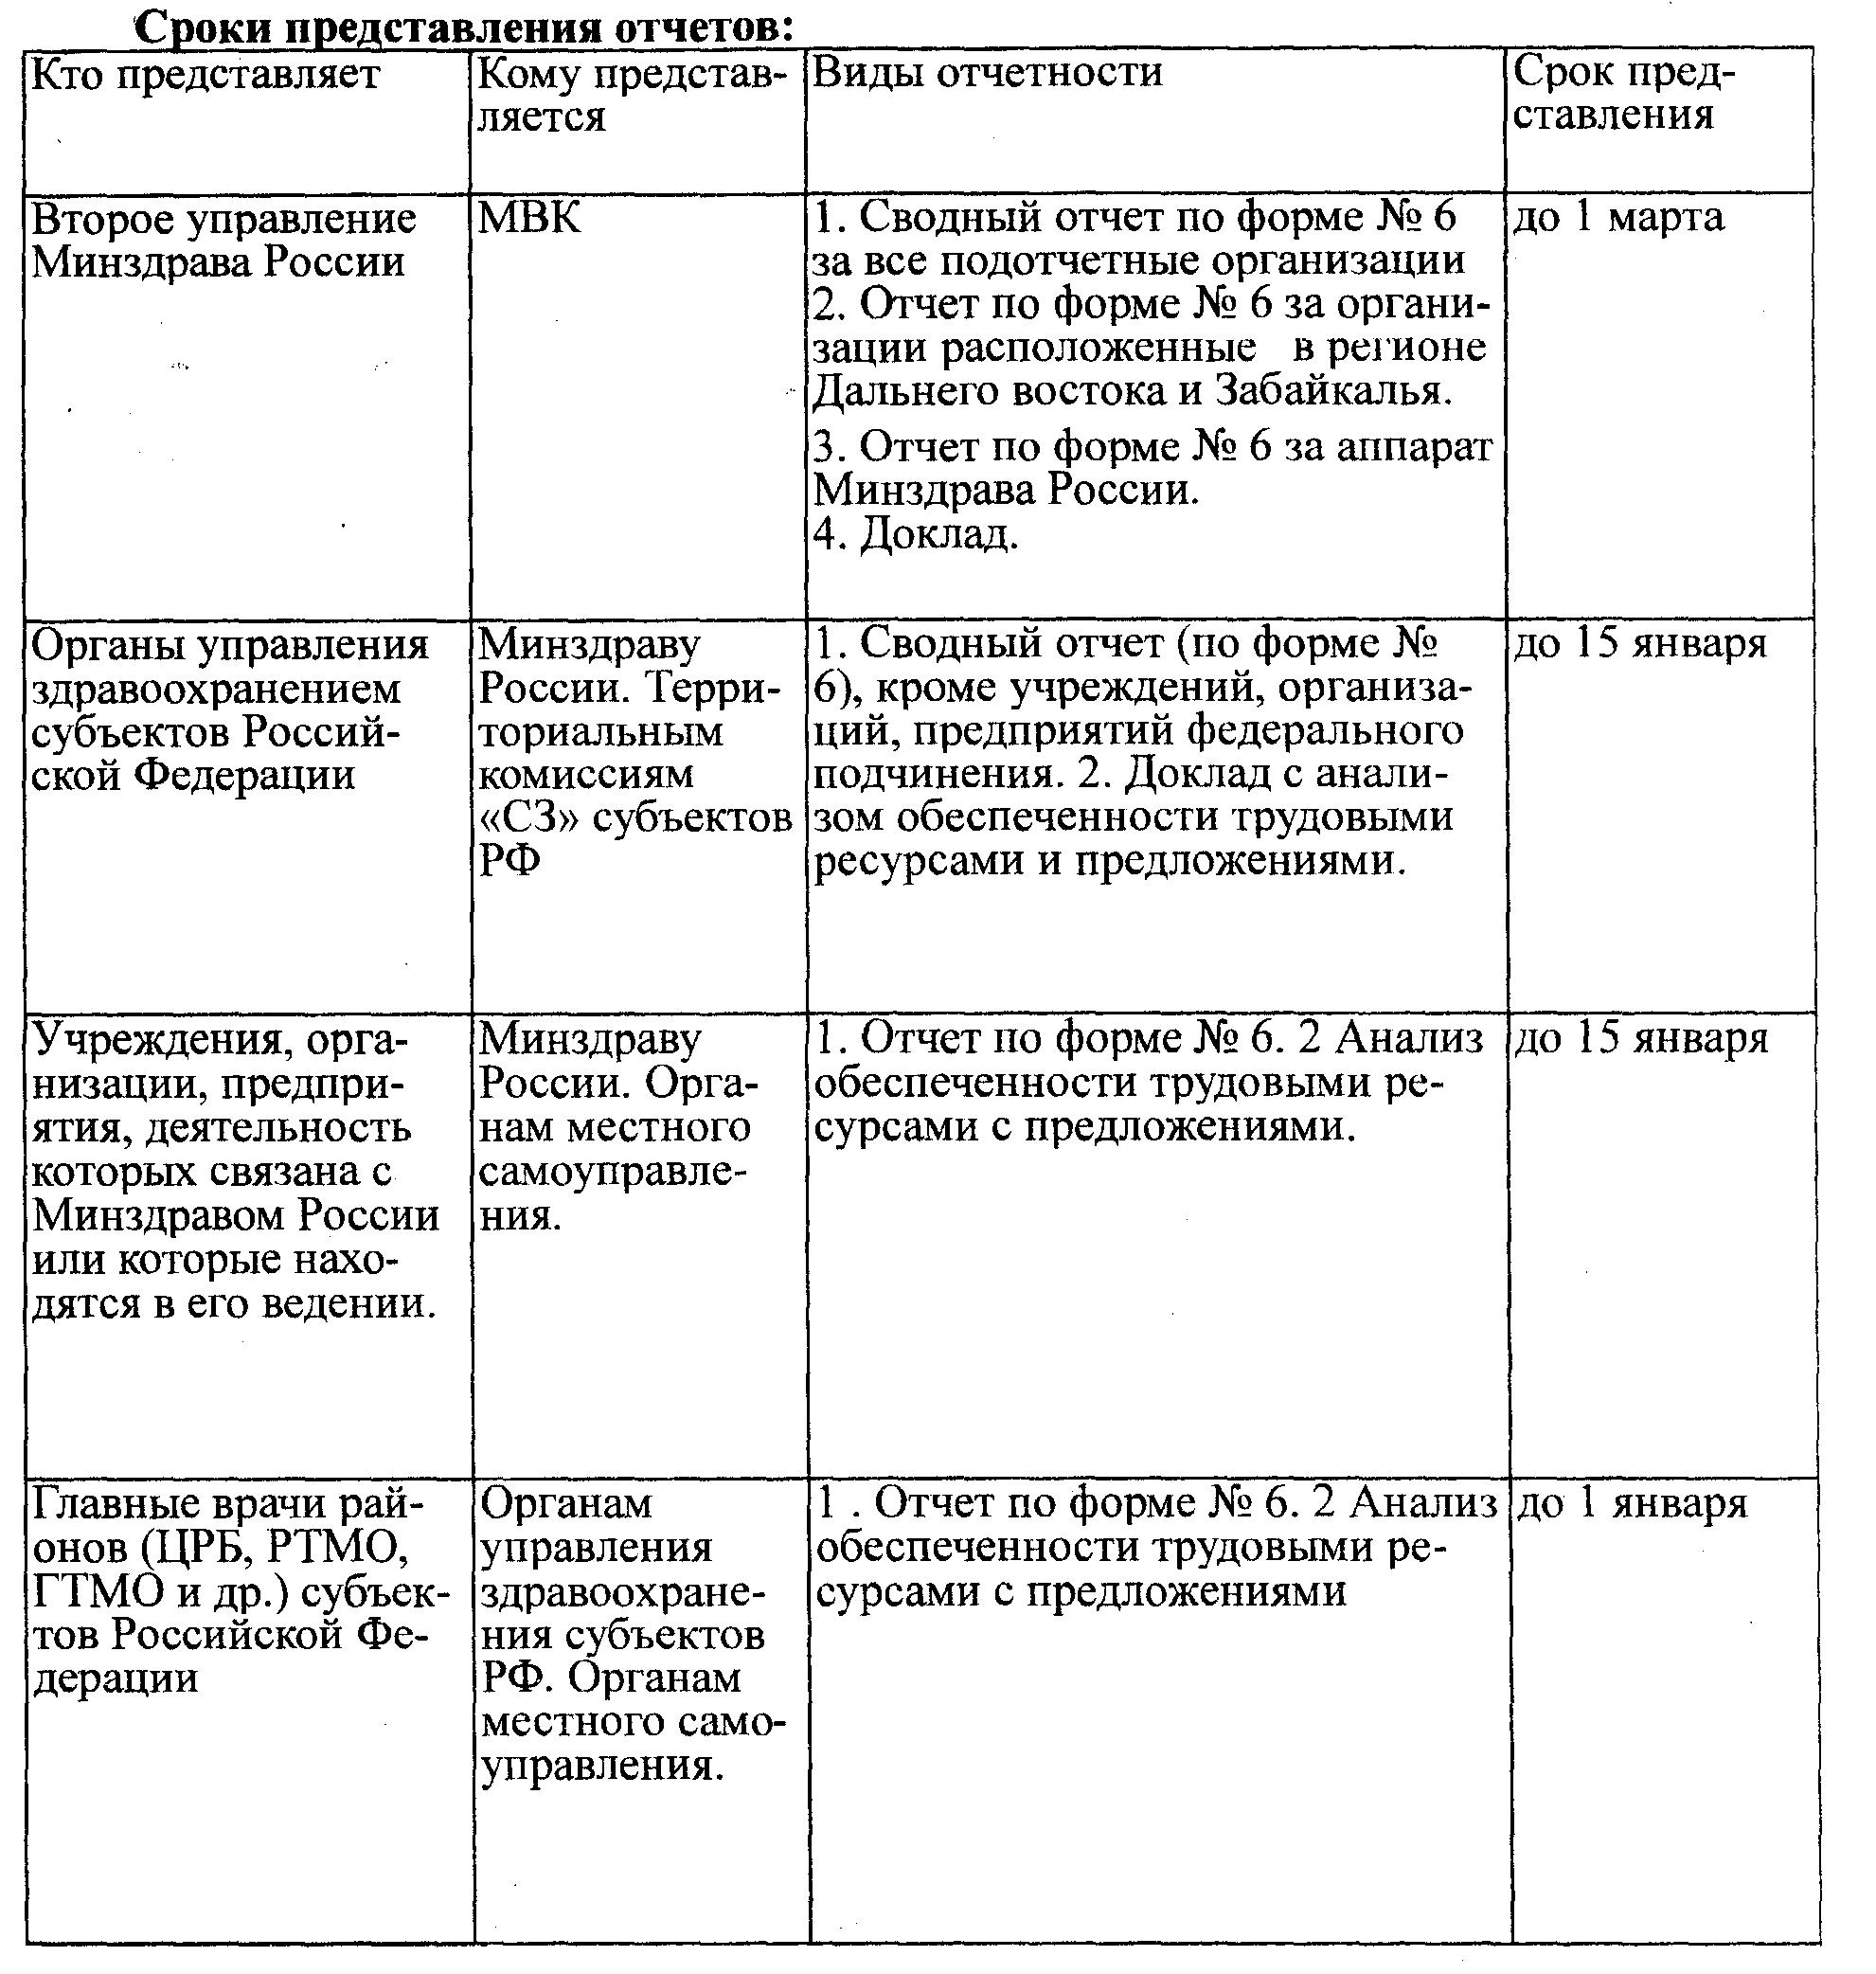 Инструкция о порядке бронирования граждан состоящих в запасе